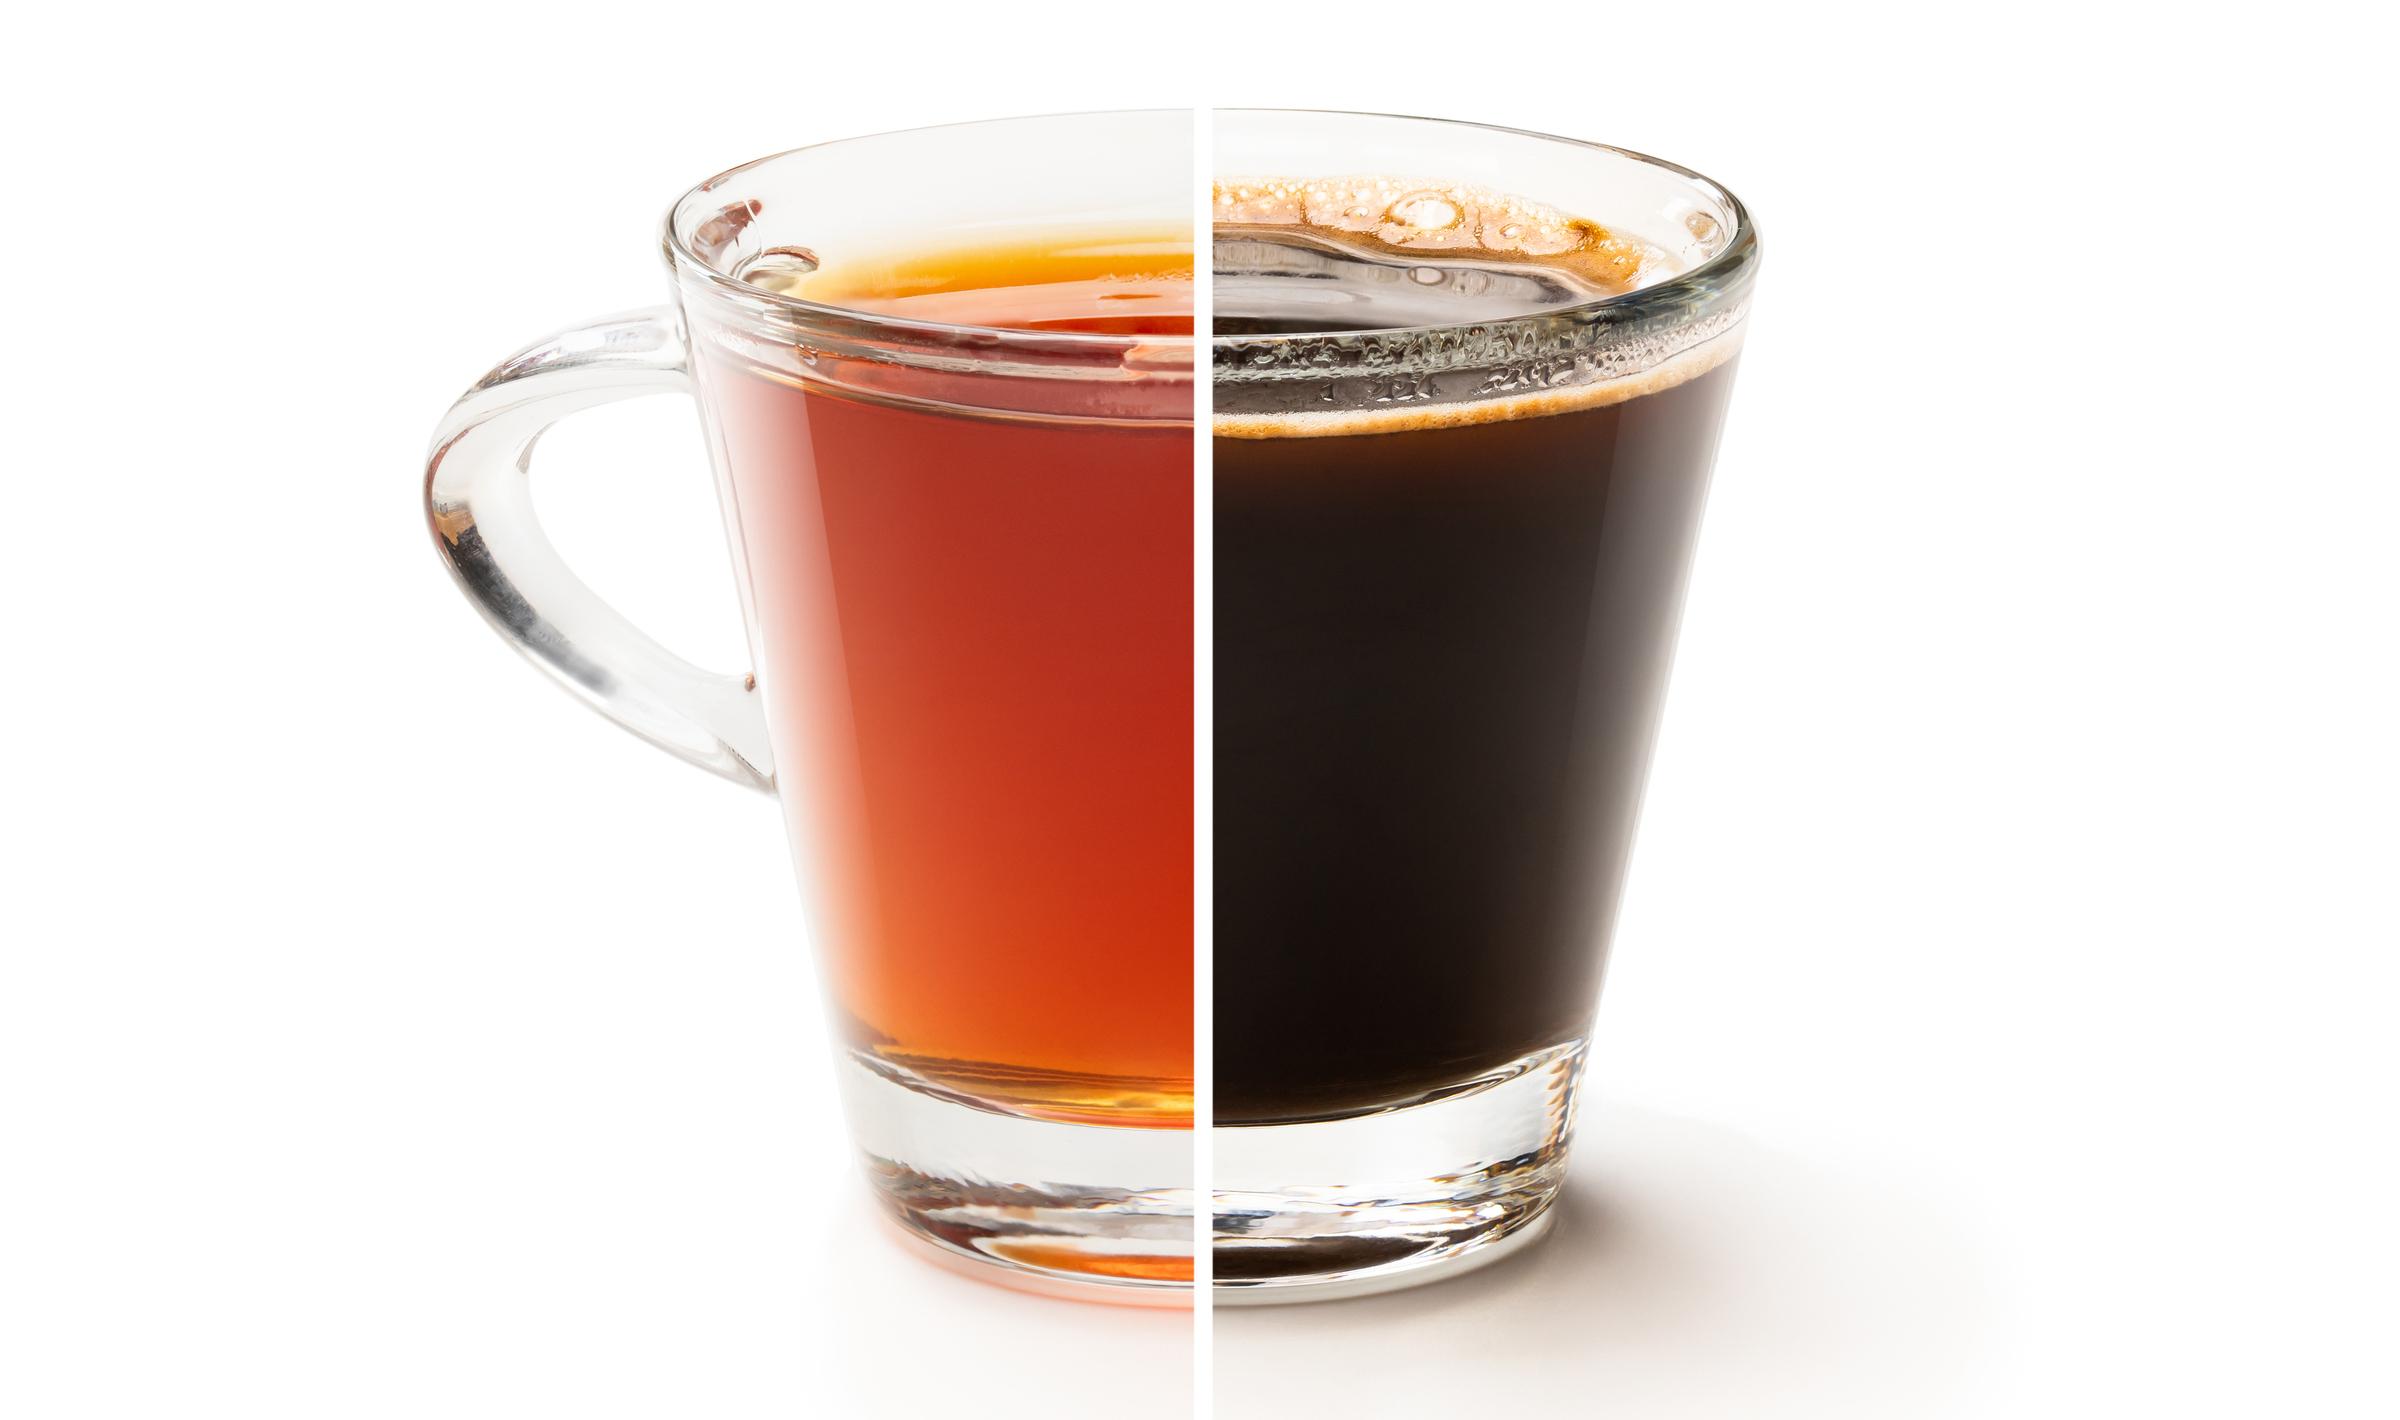 caffeine in coffee versus tea